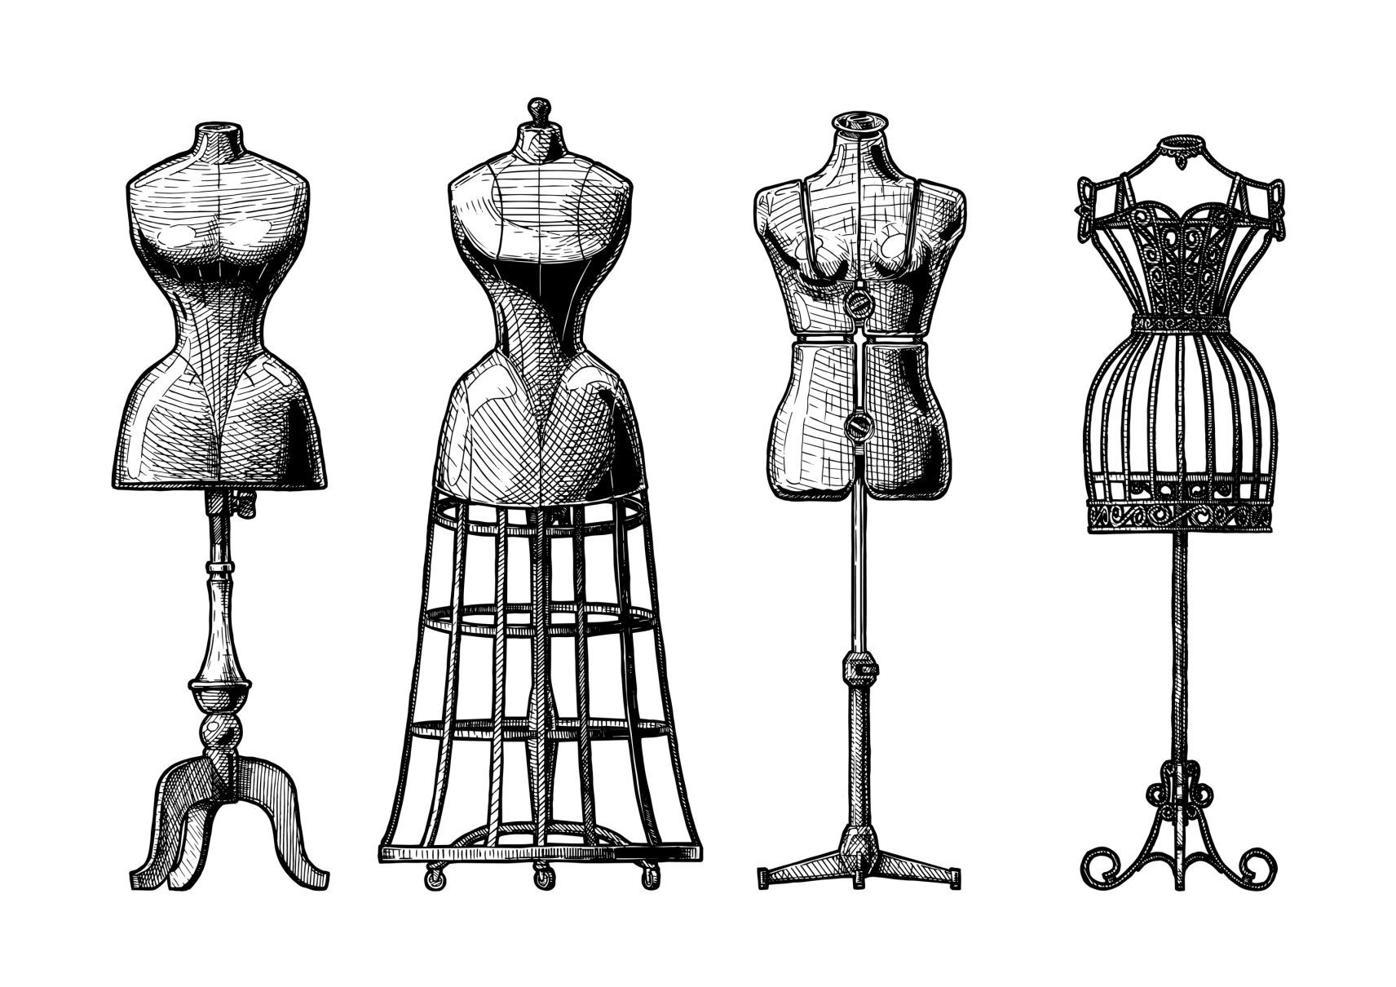 Maniquies de moda